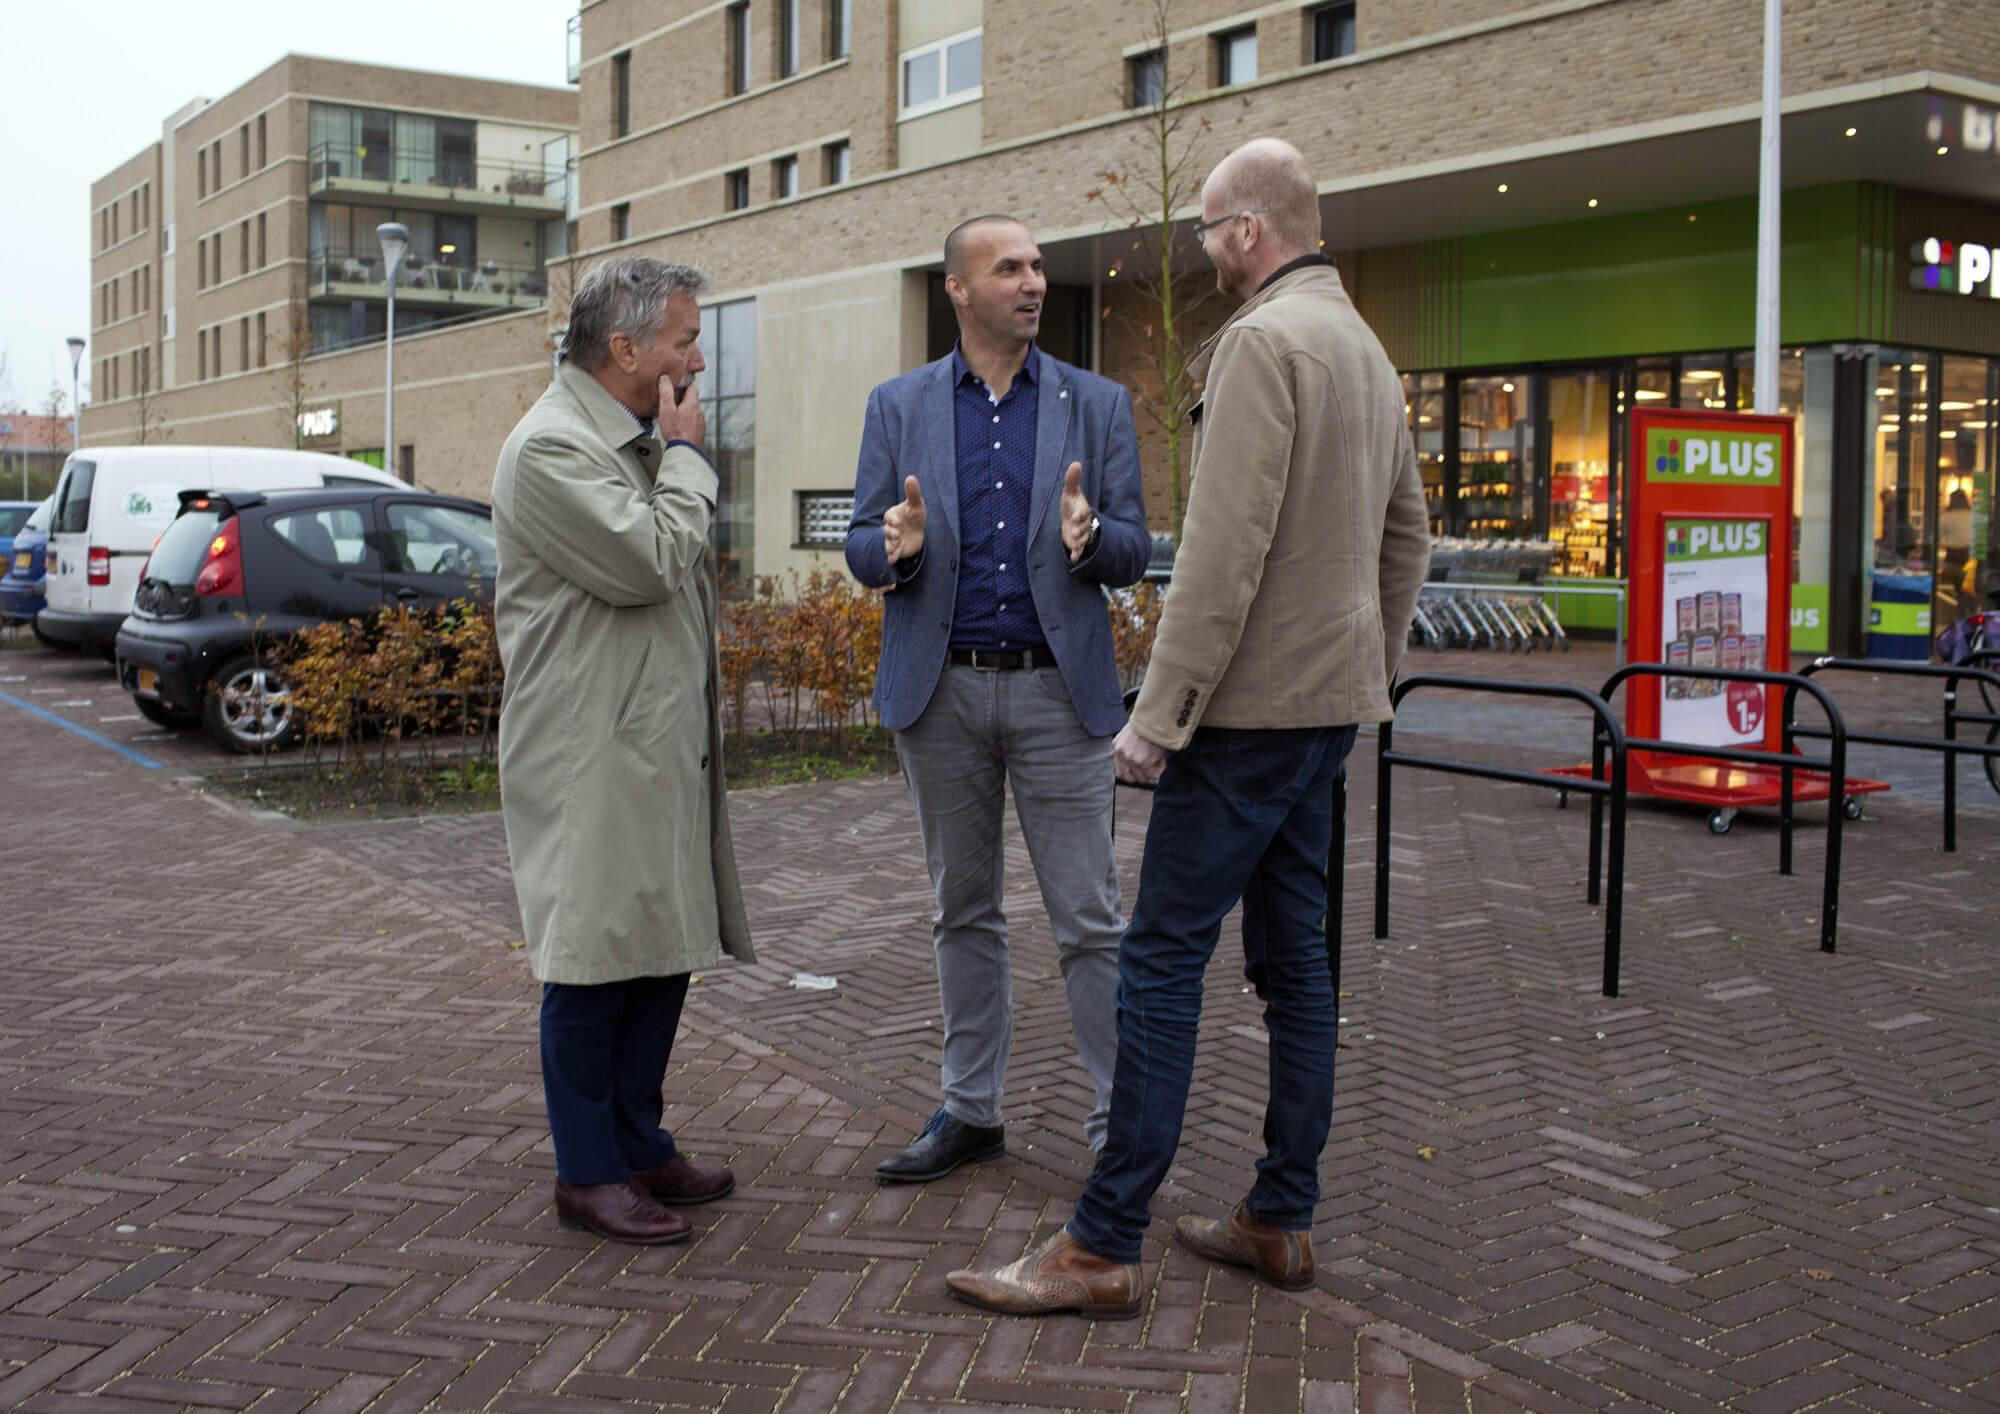 Dick de Bruin, Jurgen van der Bas en John Bos in gesprek over Schoonhoven Noord